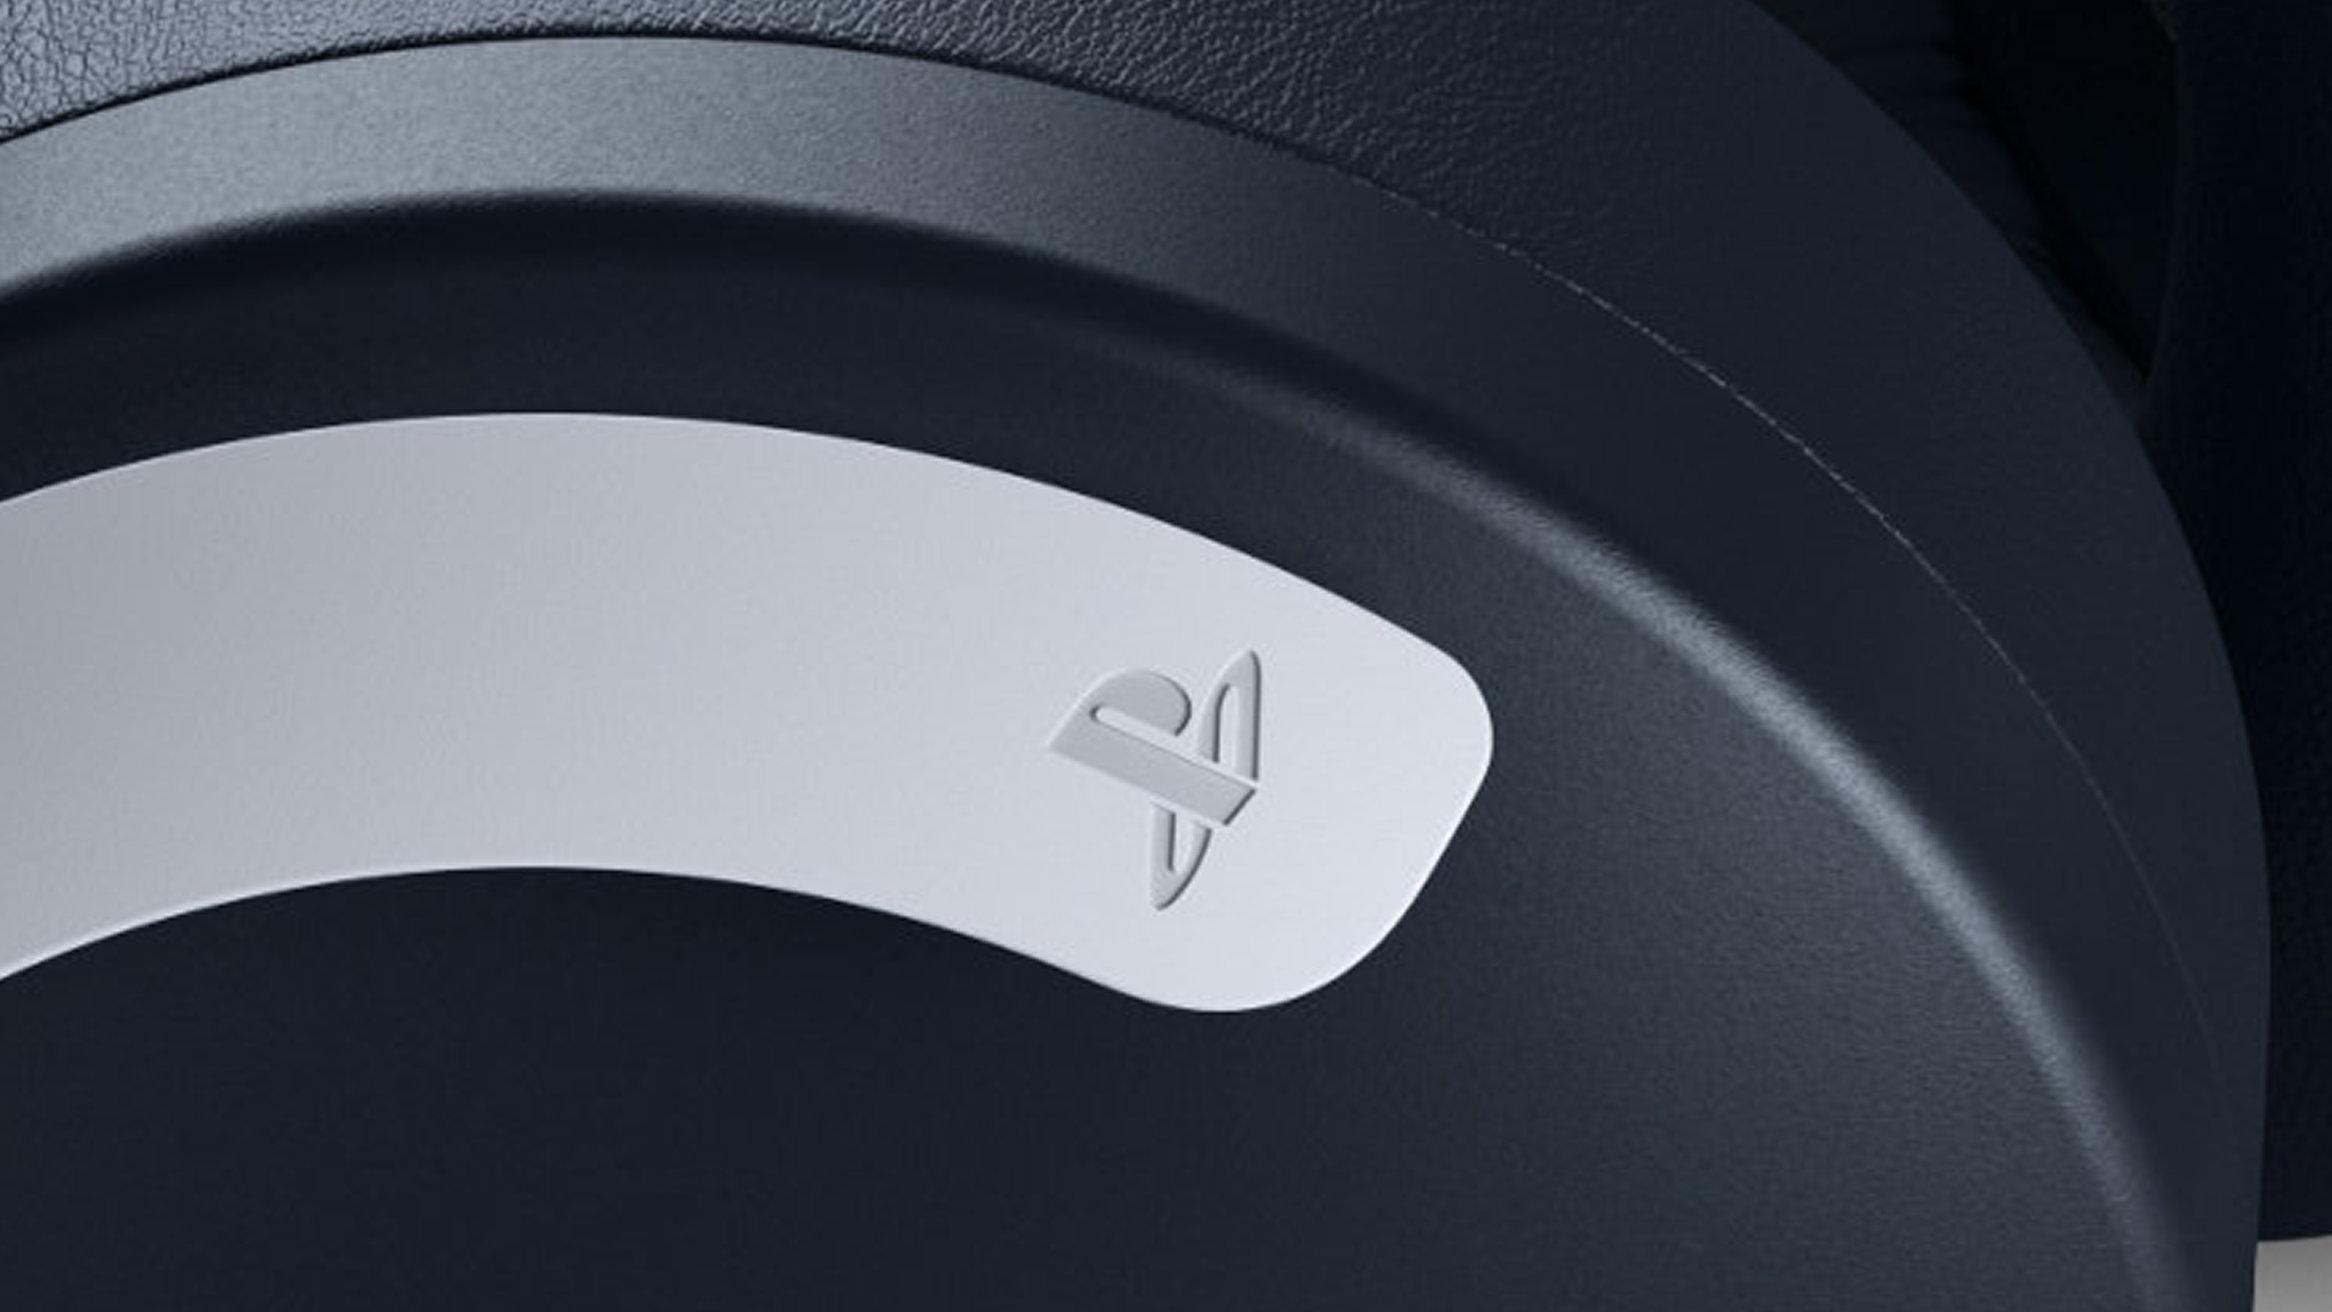 PS5、テレビのスピーカーでも敵の位置が音で分かる進化